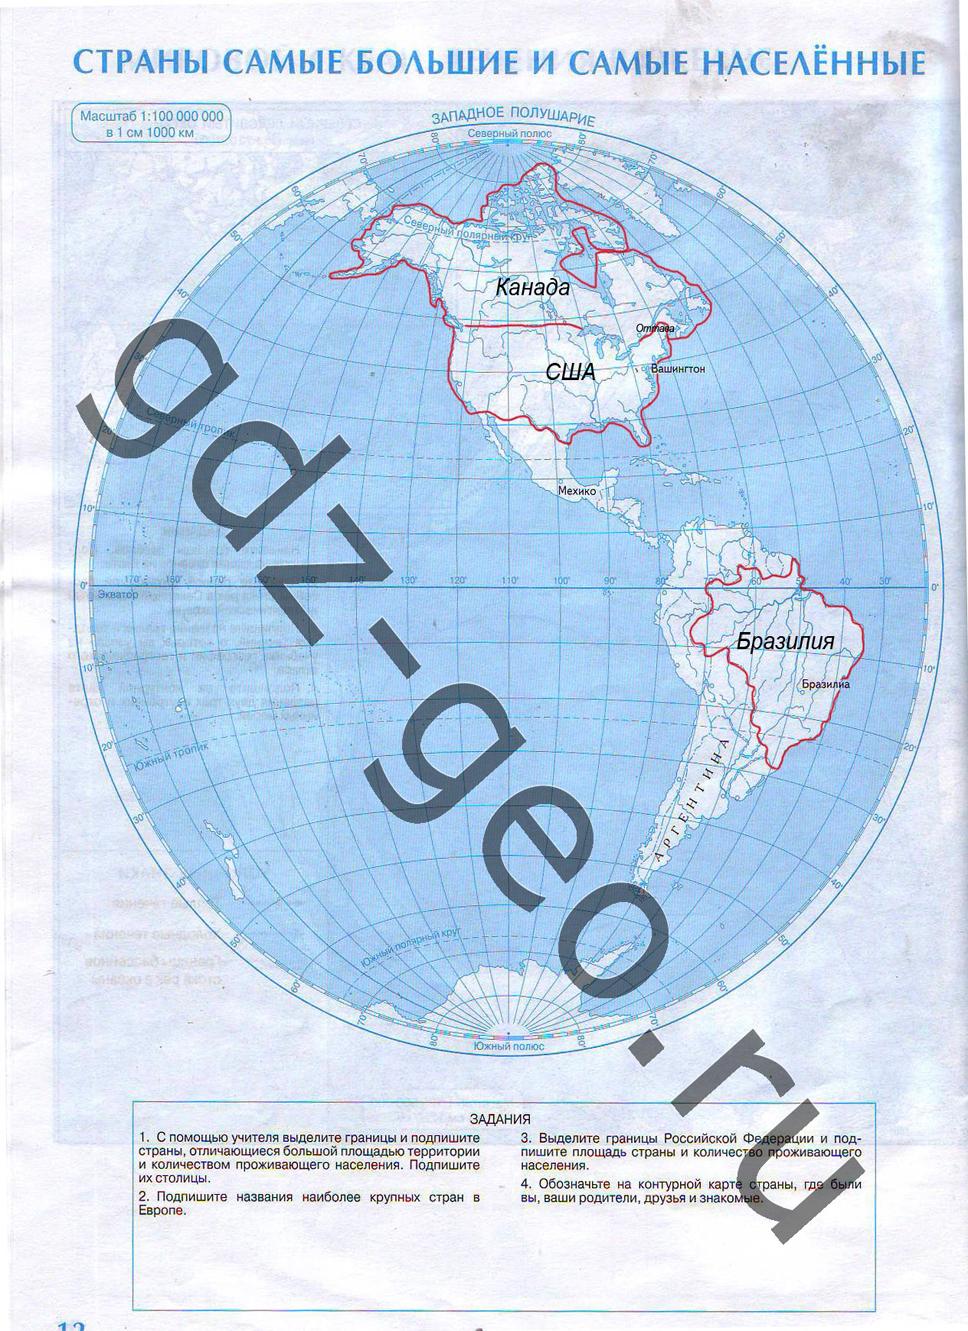 Гдз география контурная карта 6 класс